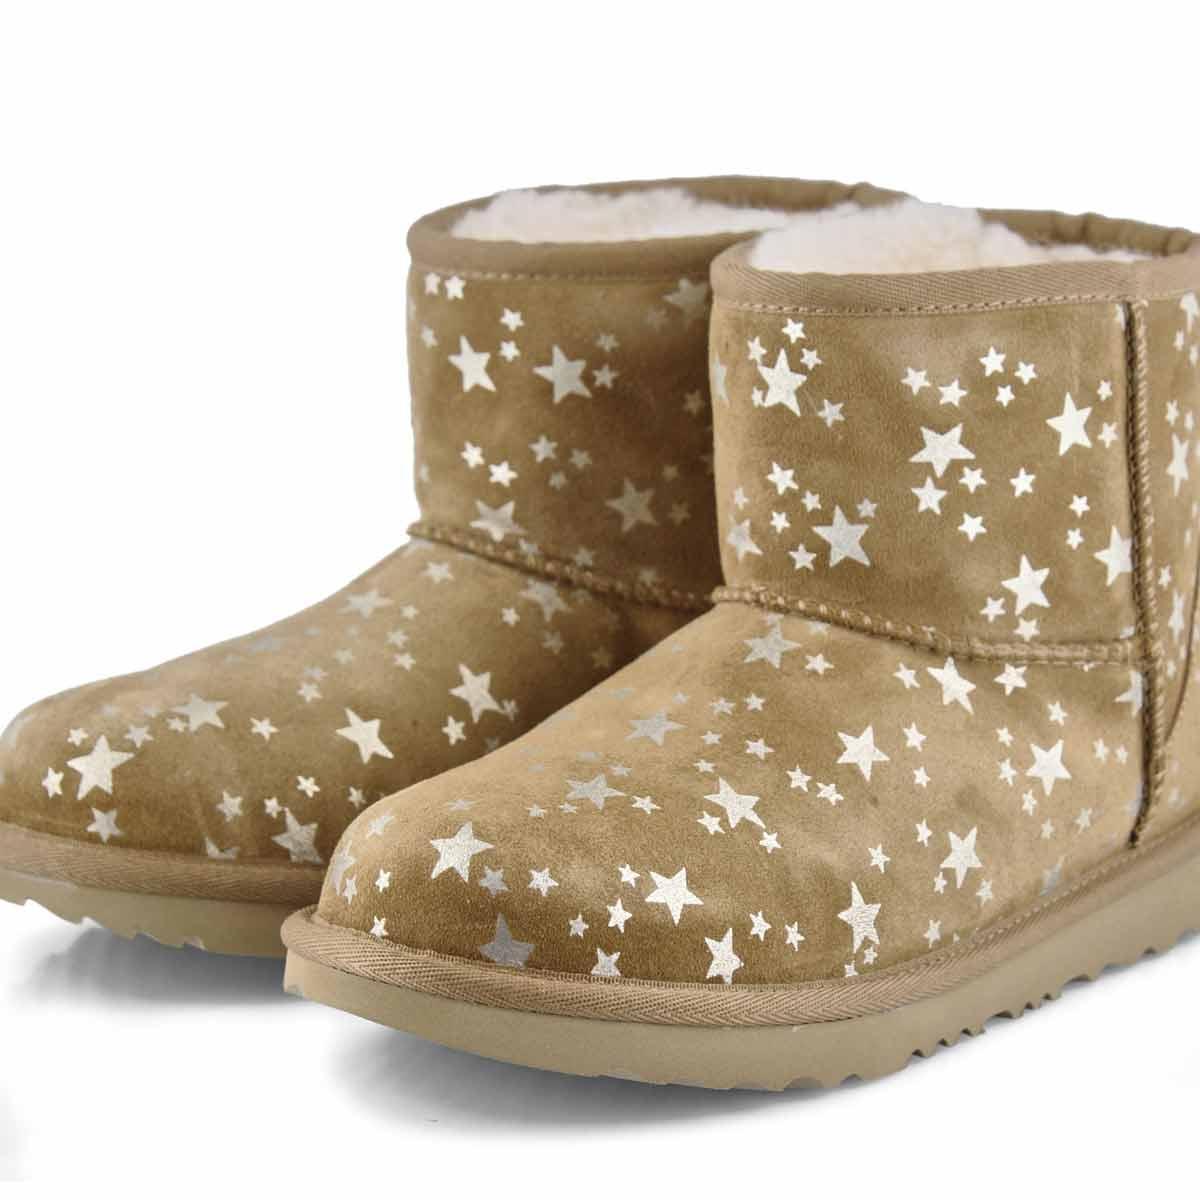 Grls Classic Mini II Stars chestnut boot